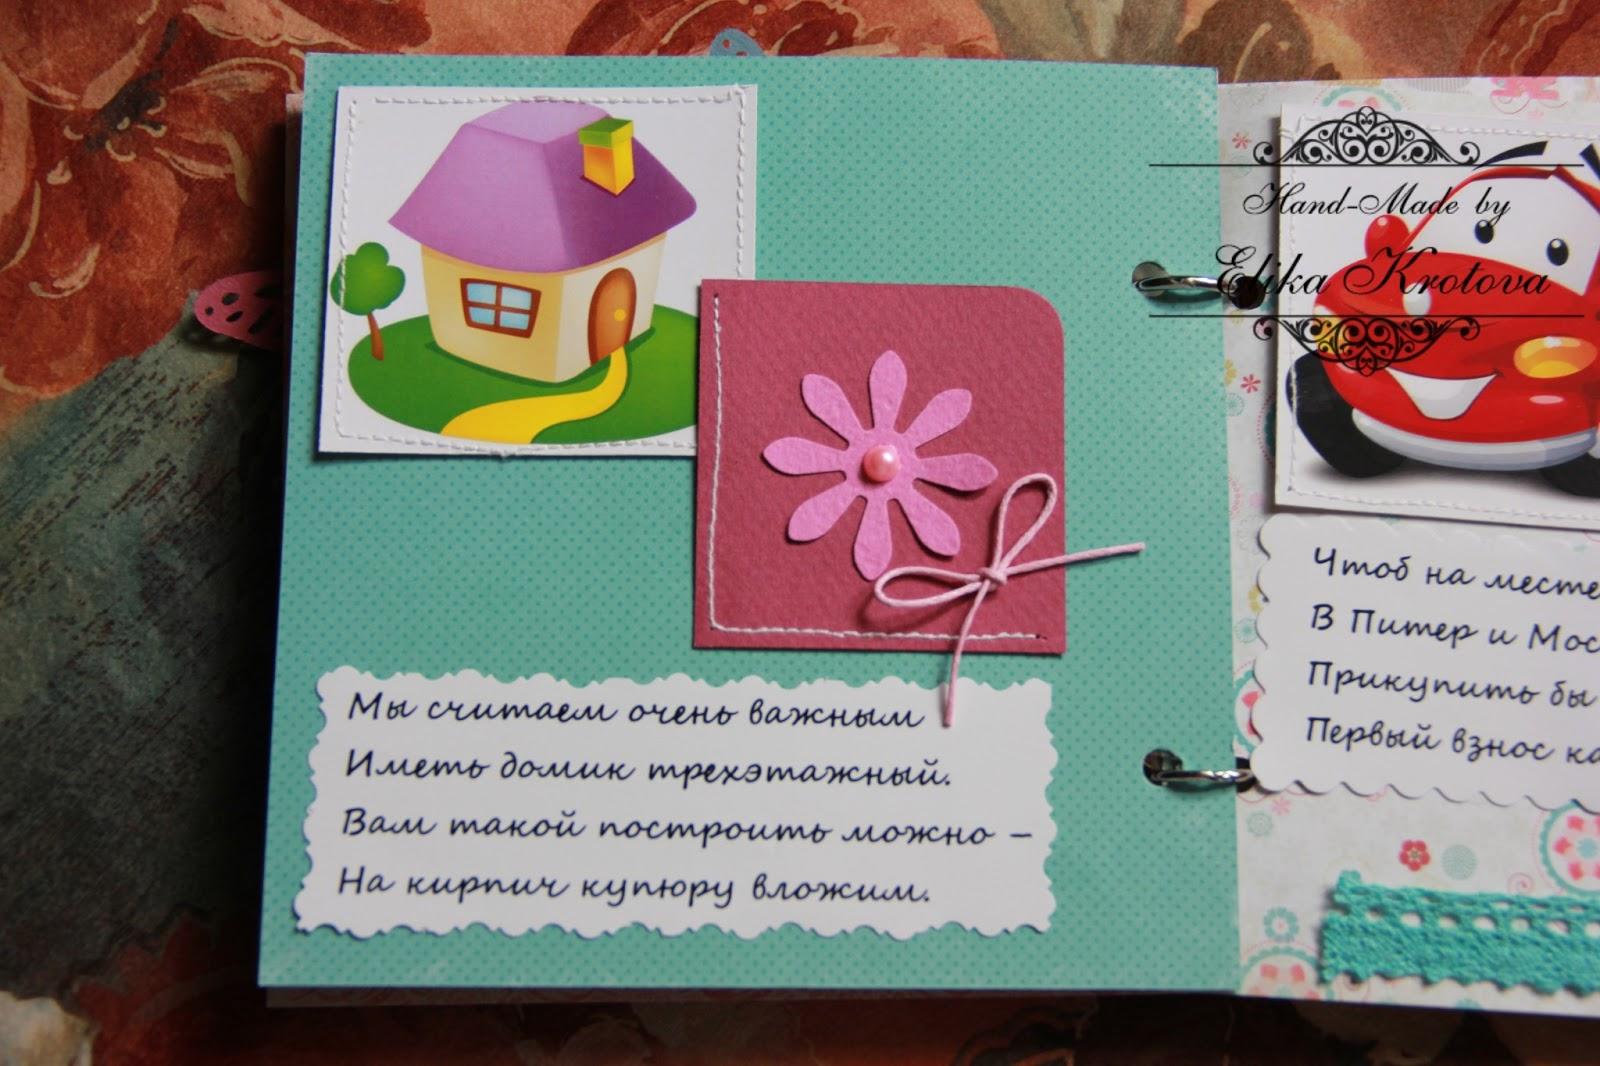 Сберкнижка открытка своими руками на день рождения